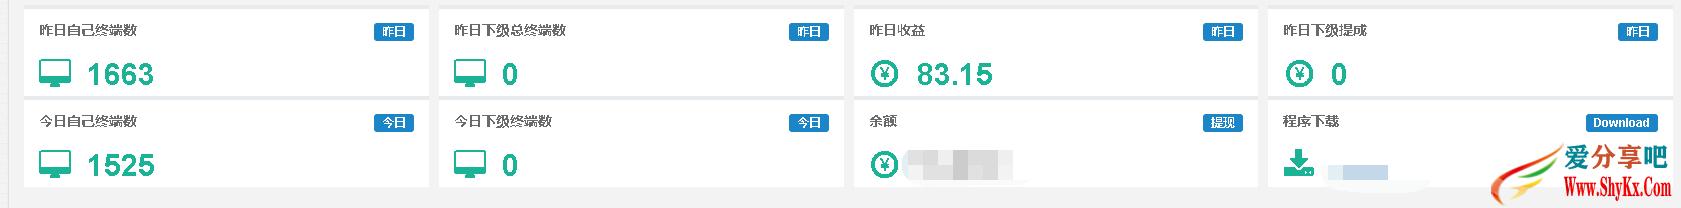 1000终端以上的日收入.png 网吧增值平台详细说明 行业资讯